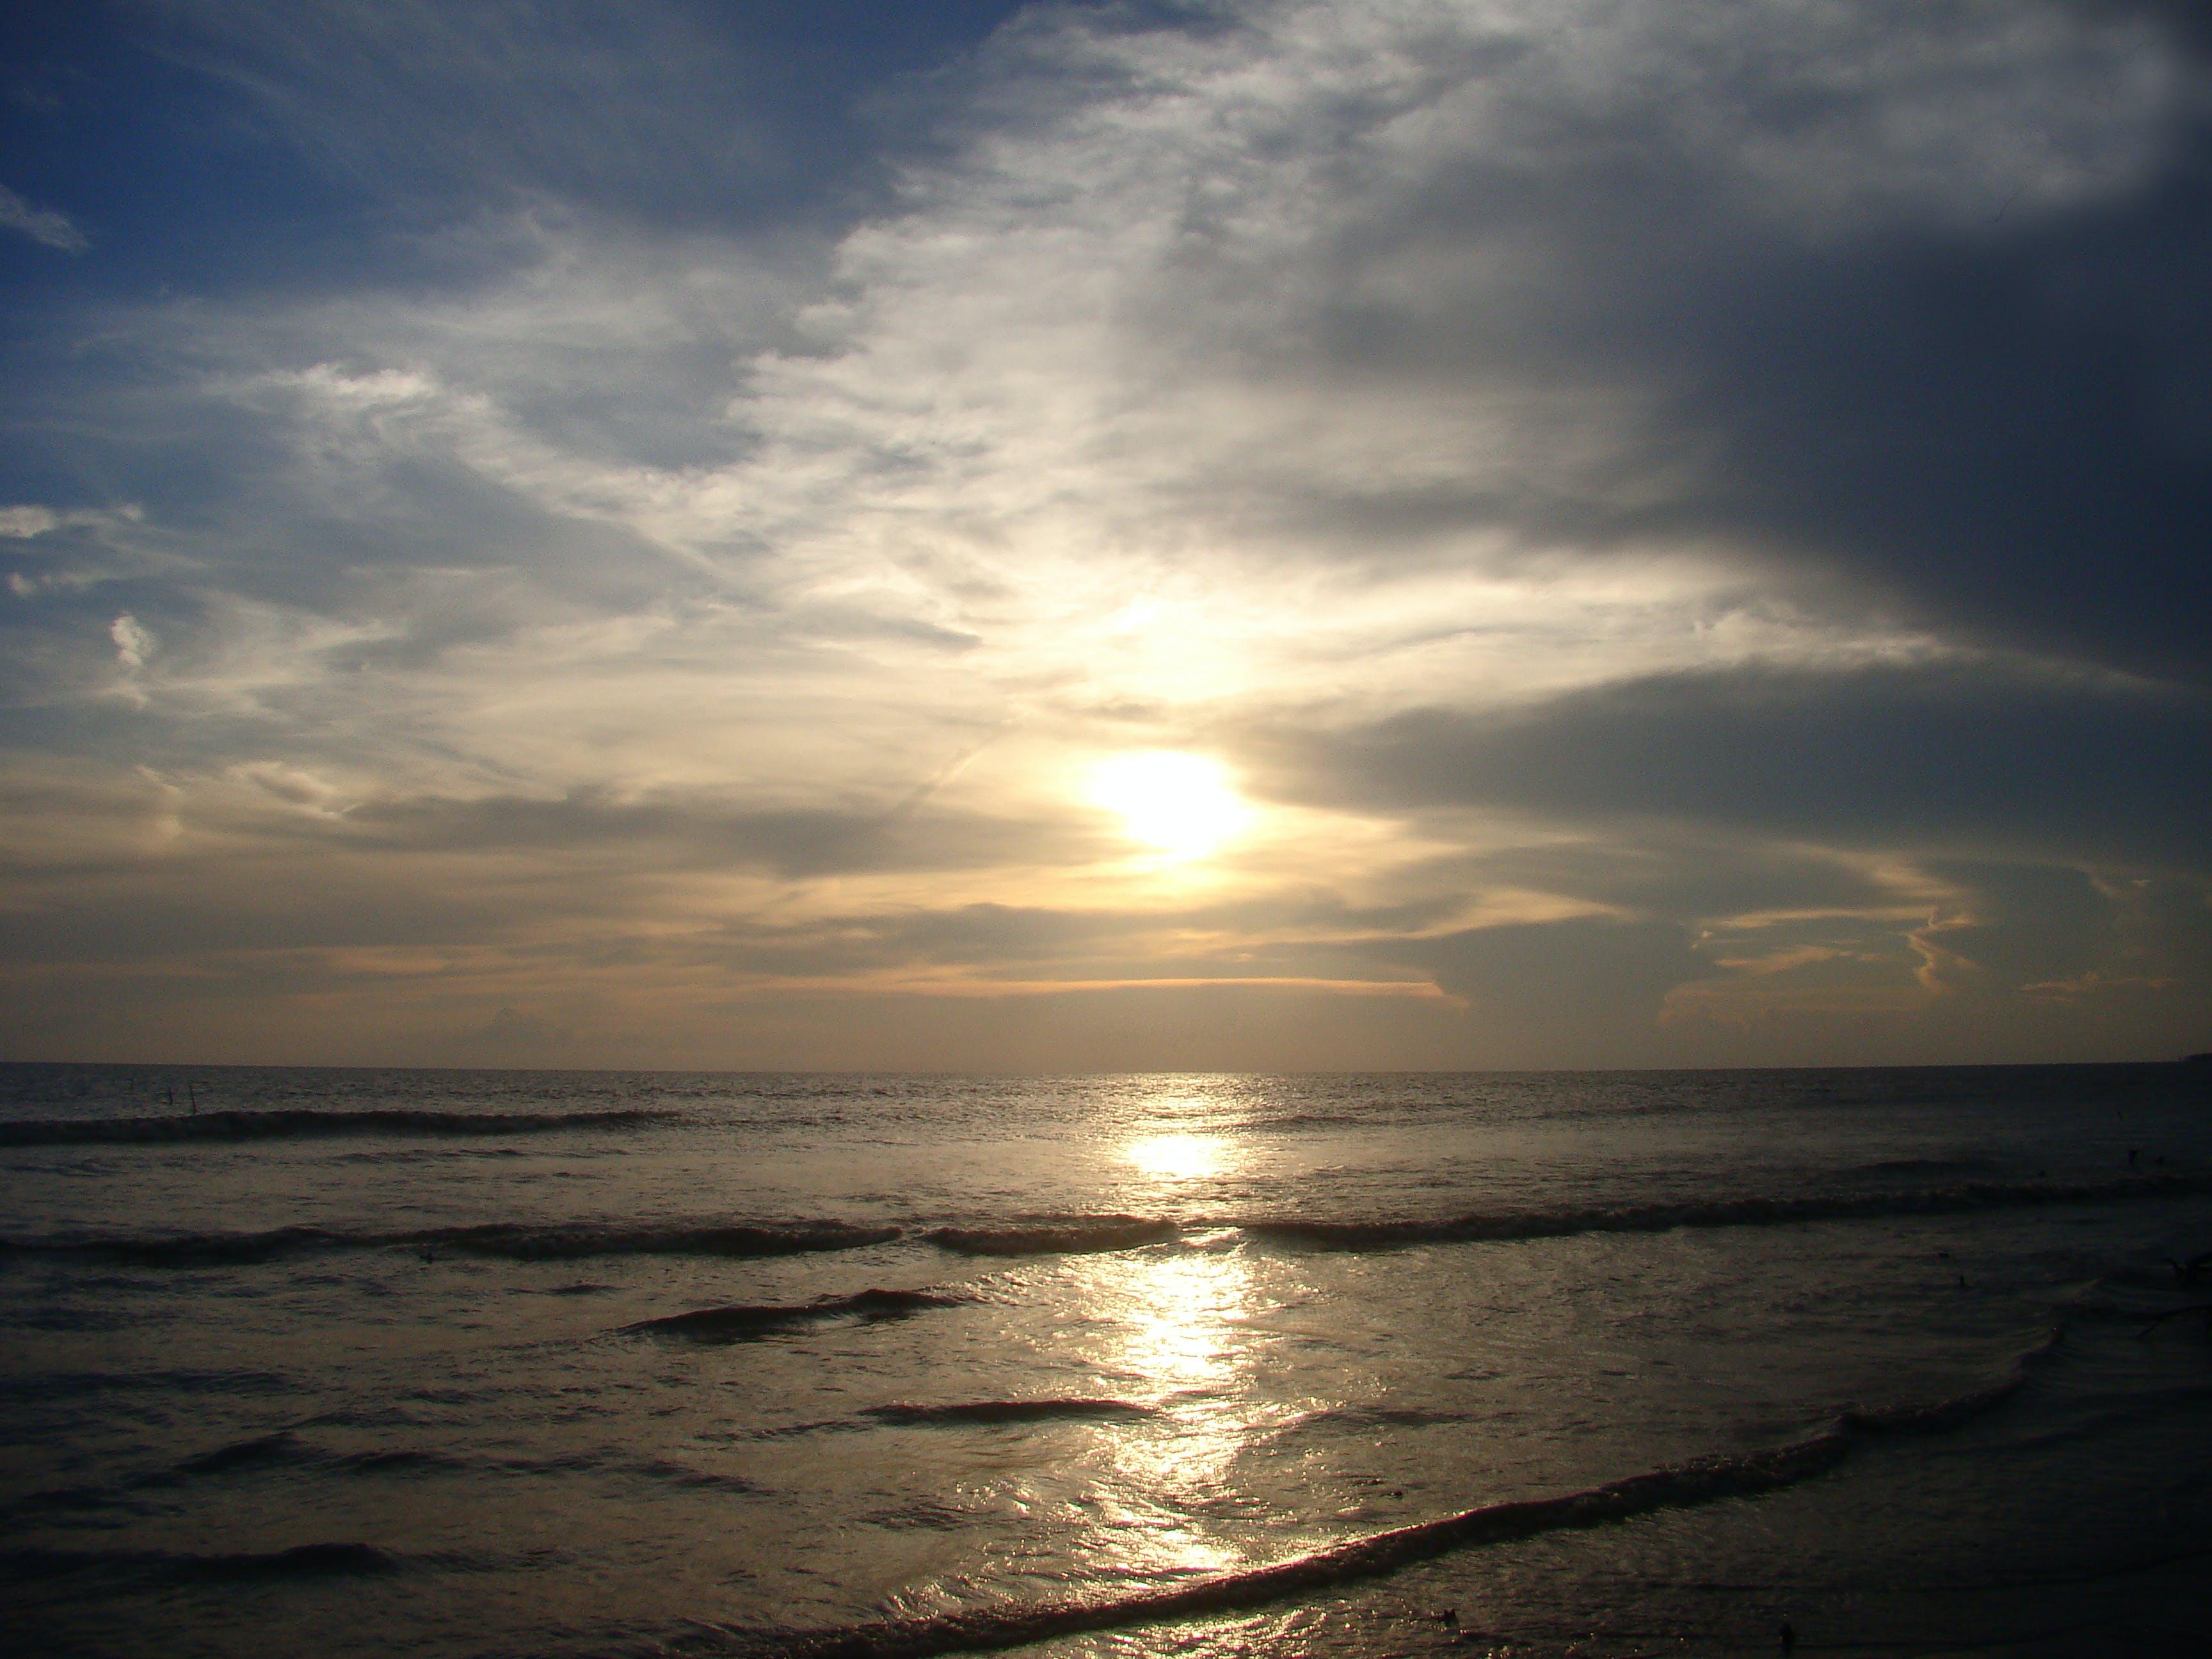 beach, ocean, sunset